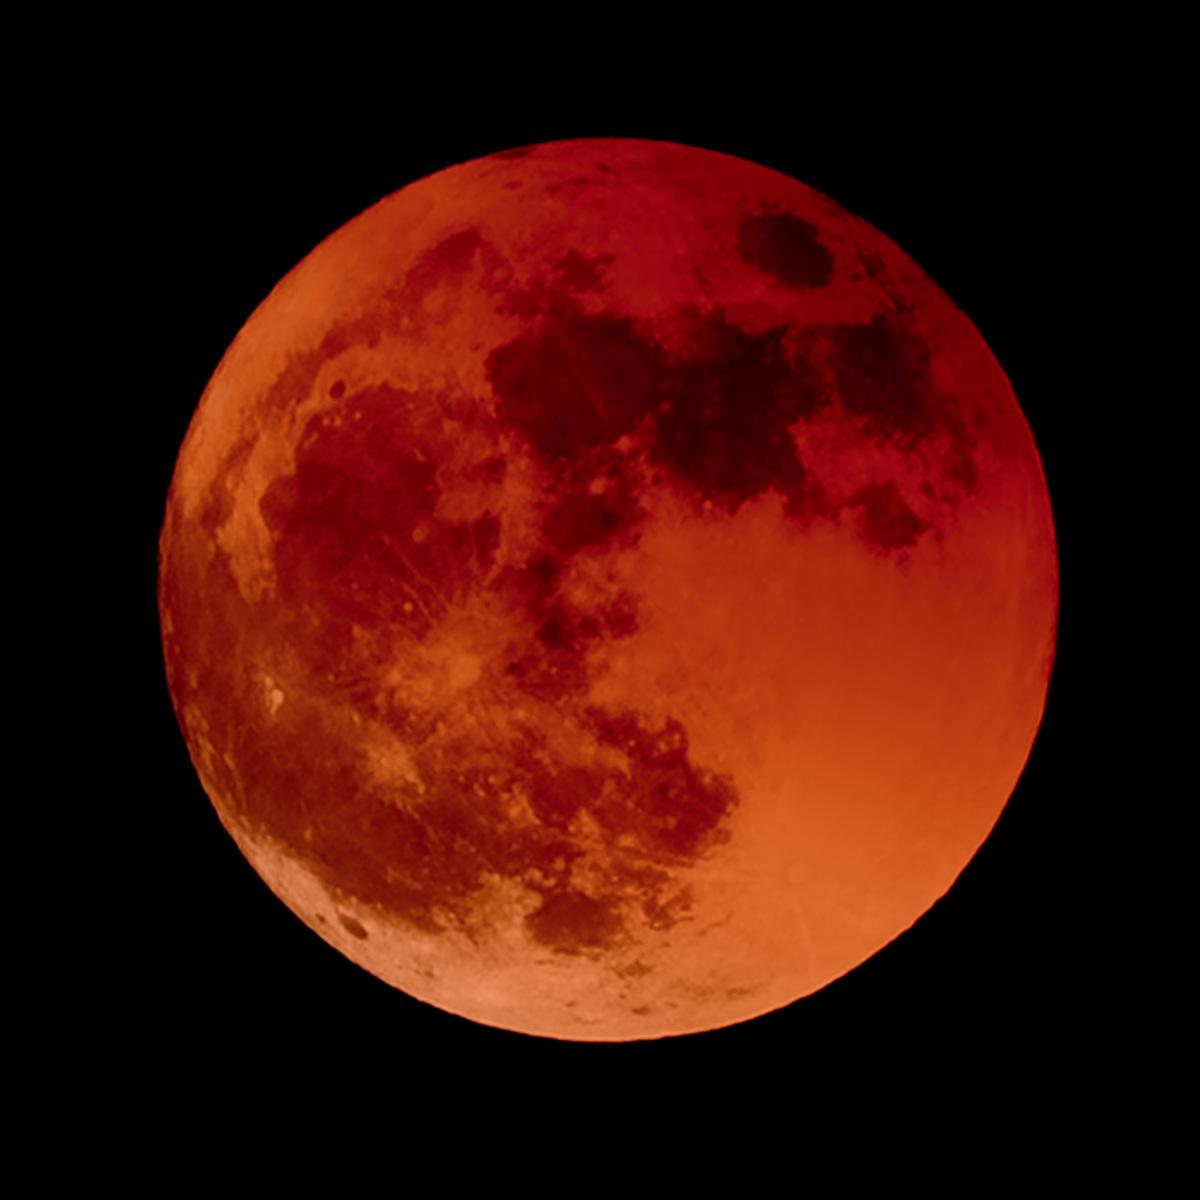 3. Total eclipse begins